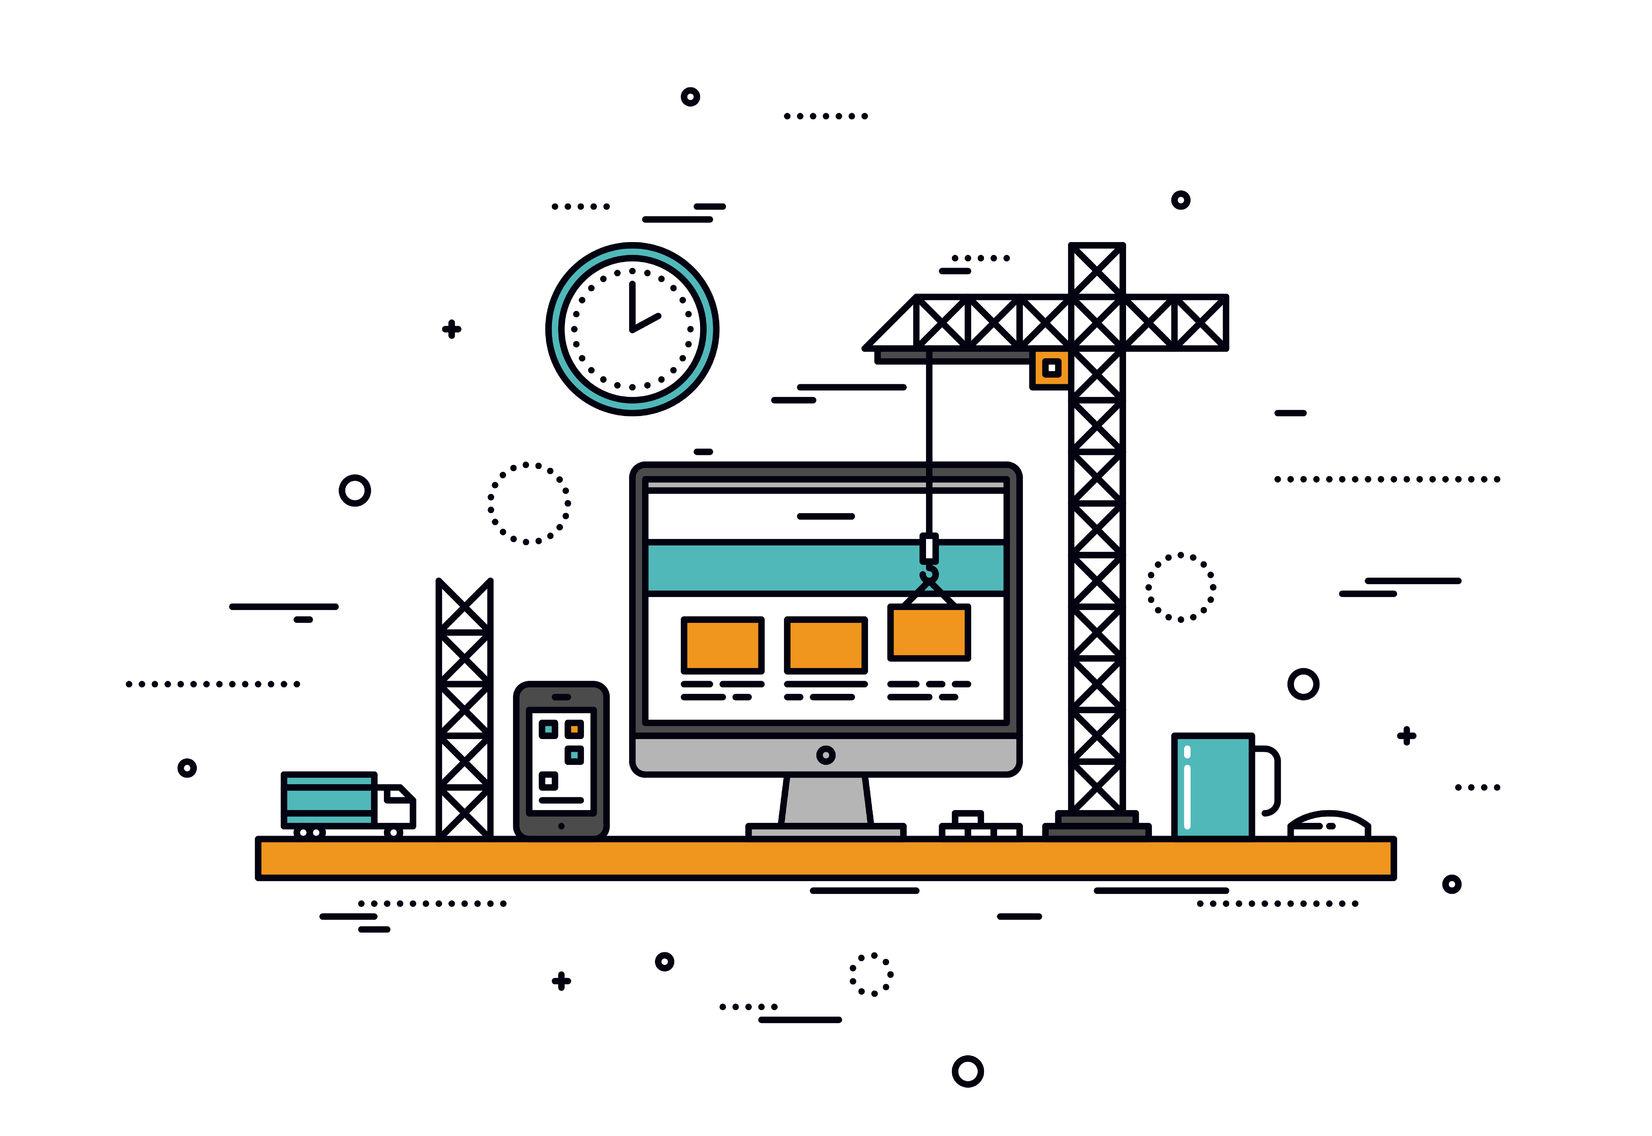 Conoce las 10 reglas fundamentales de usabilidad web